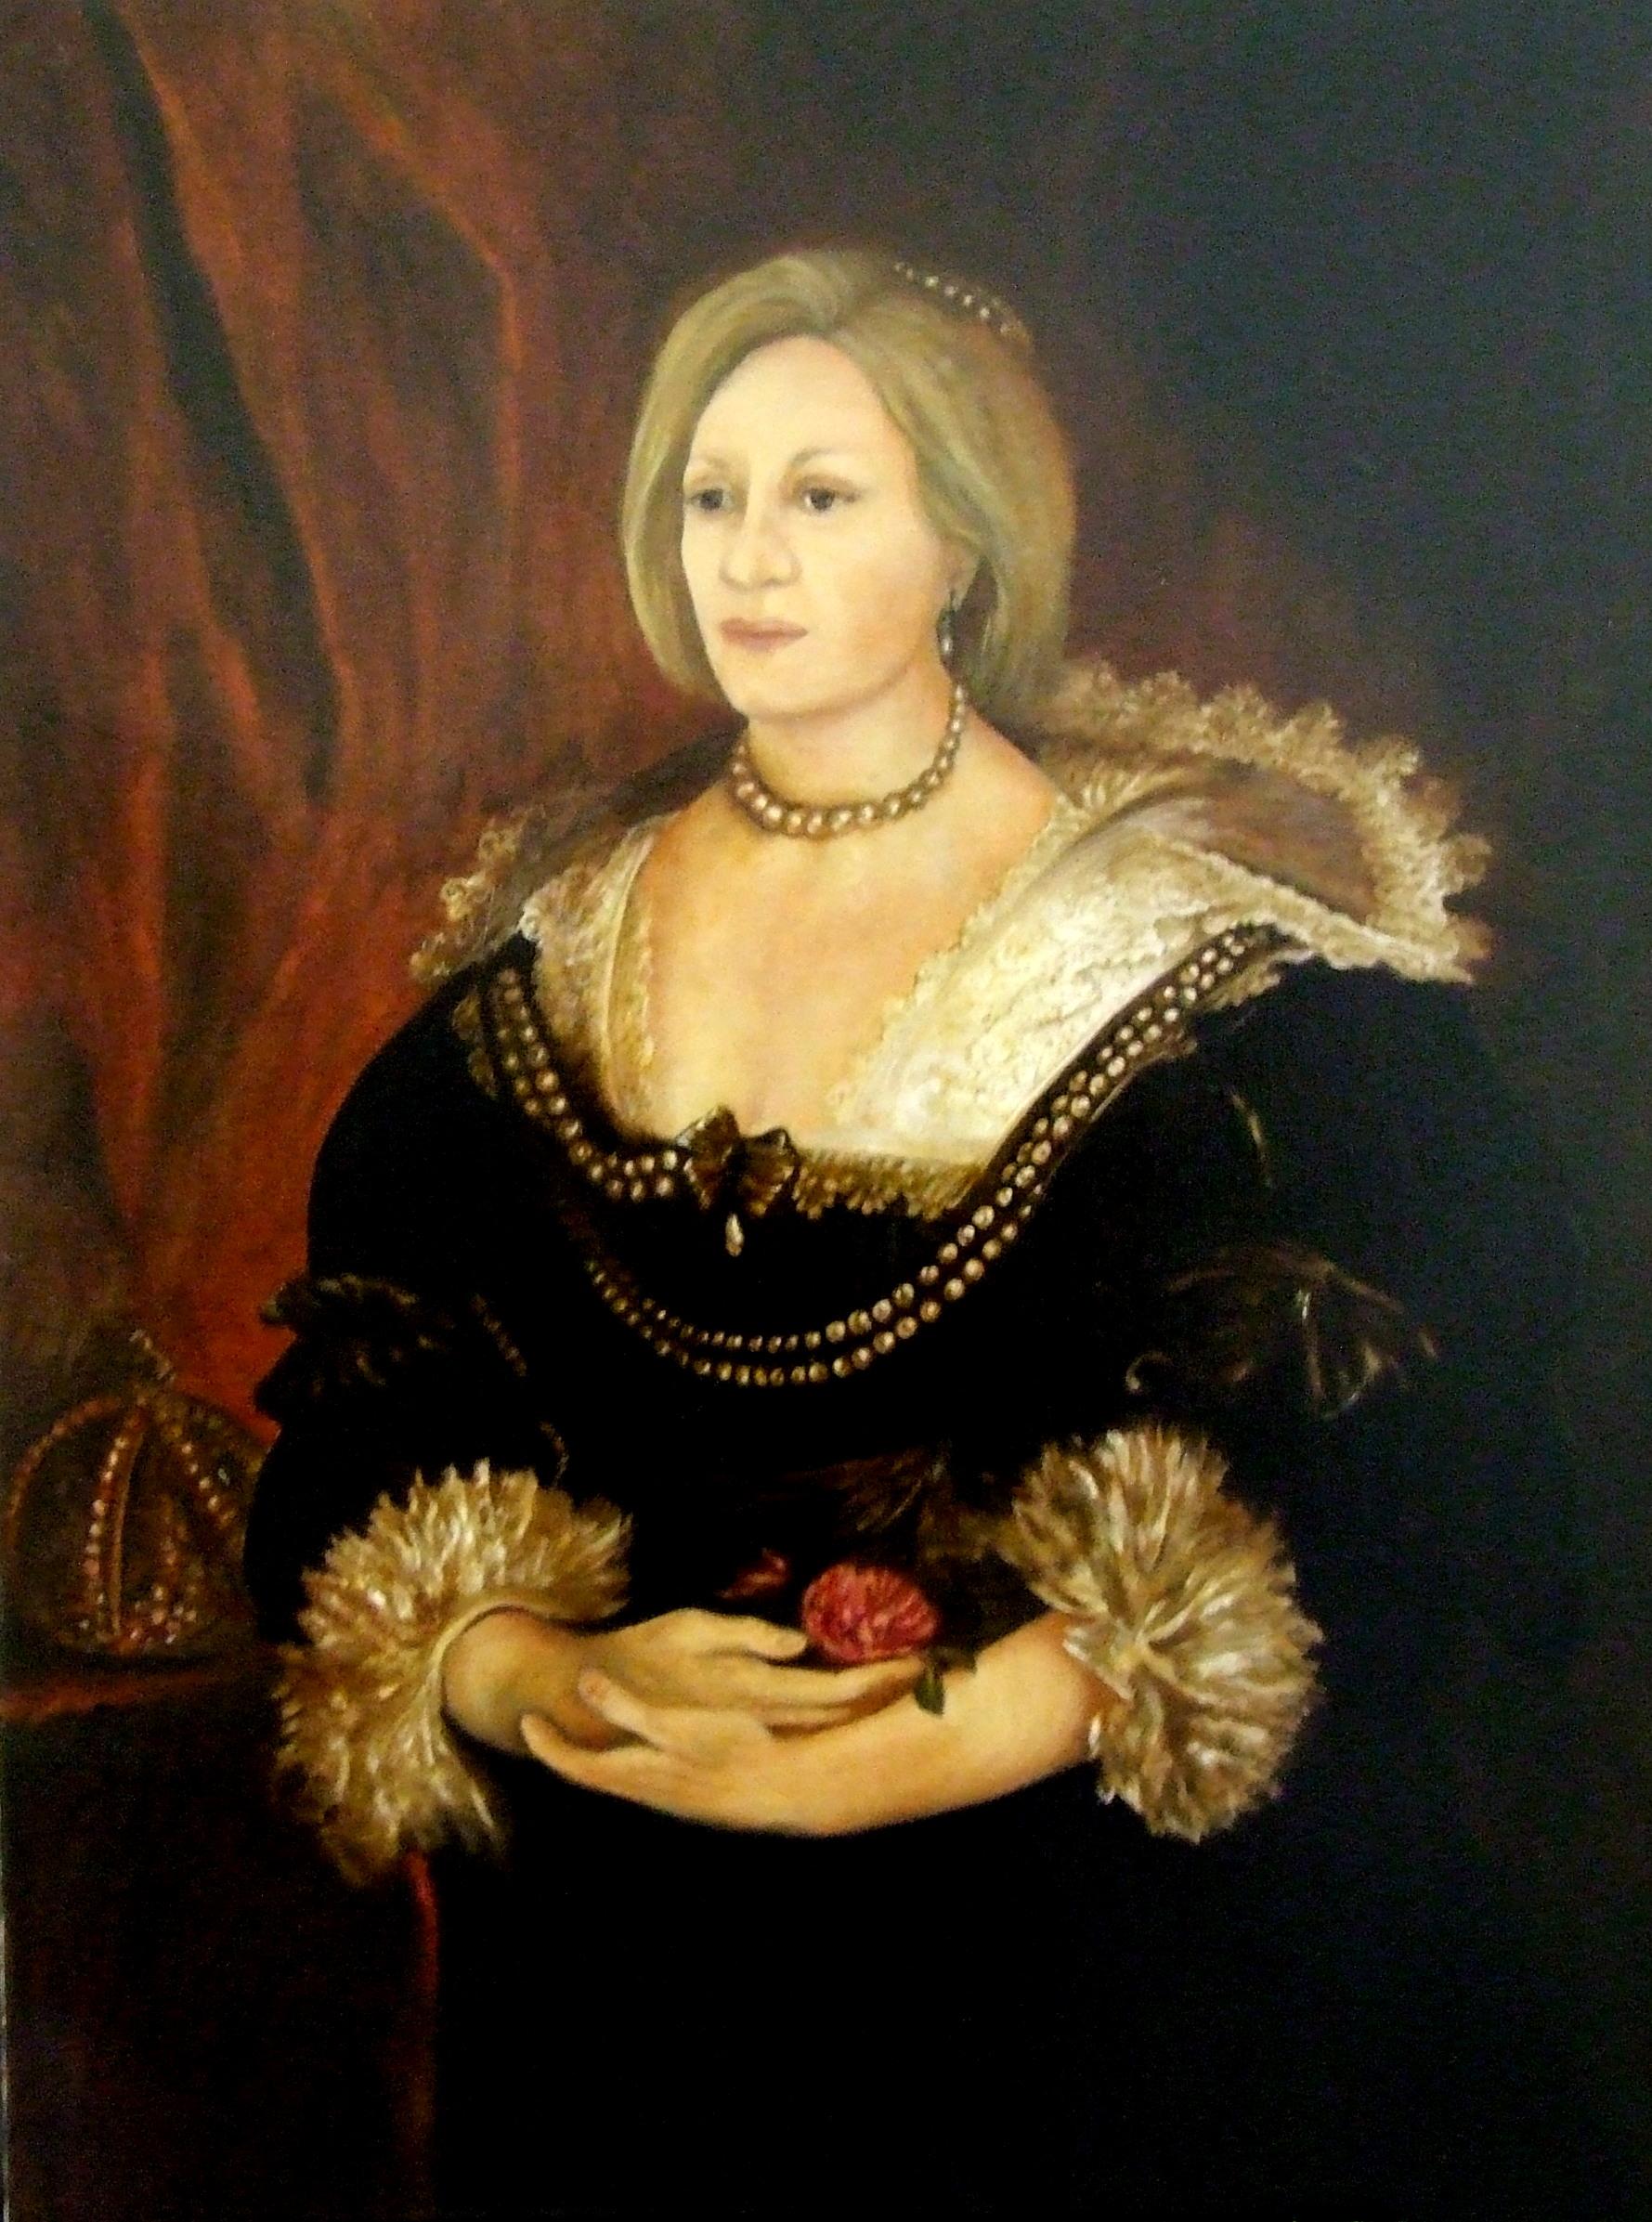 Ritratto inserito nella copia di un dipinto di Van Dyck olio su tela-001